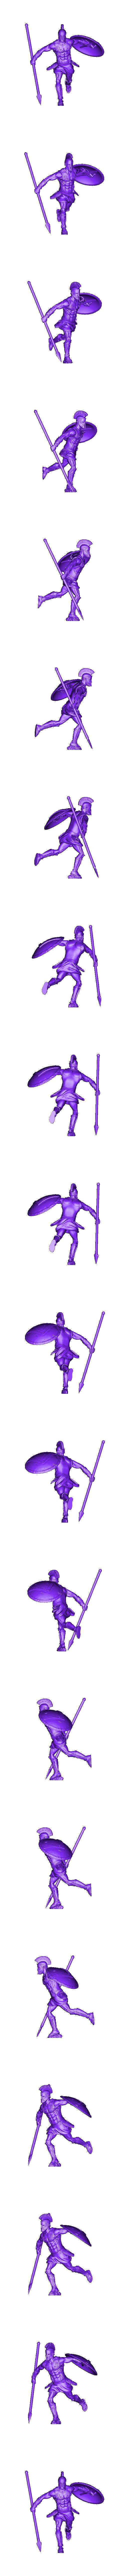 Spartan_Jump_1_-_50_mm.stl Télécharger fichier STL gratuit Spartans jump - Miniature 28mm 35mm 50mm • Plan pour impression 3D, BODY3D